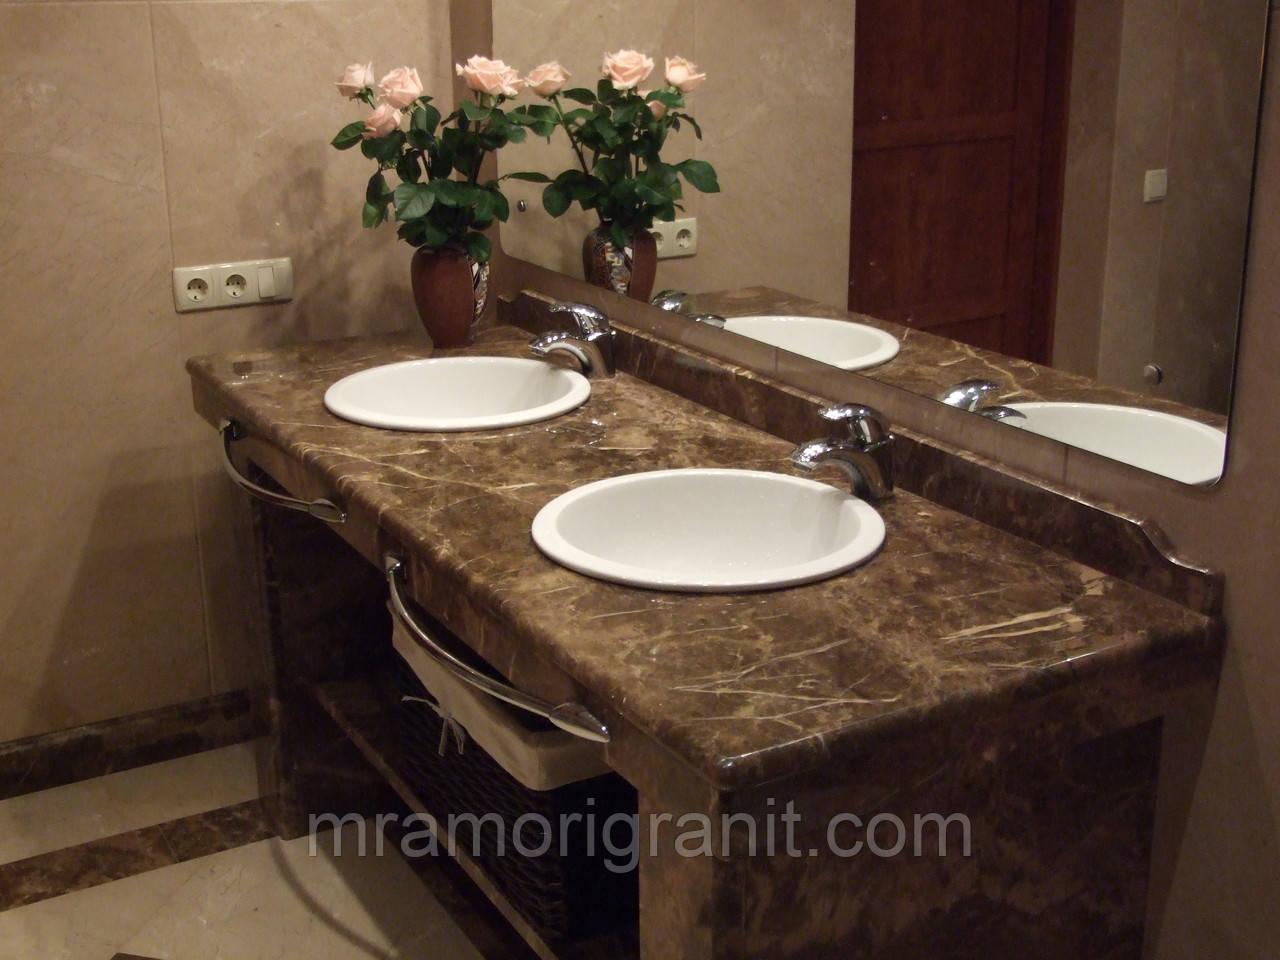 Мраморная столешница в ванную фото столешница искра 7040